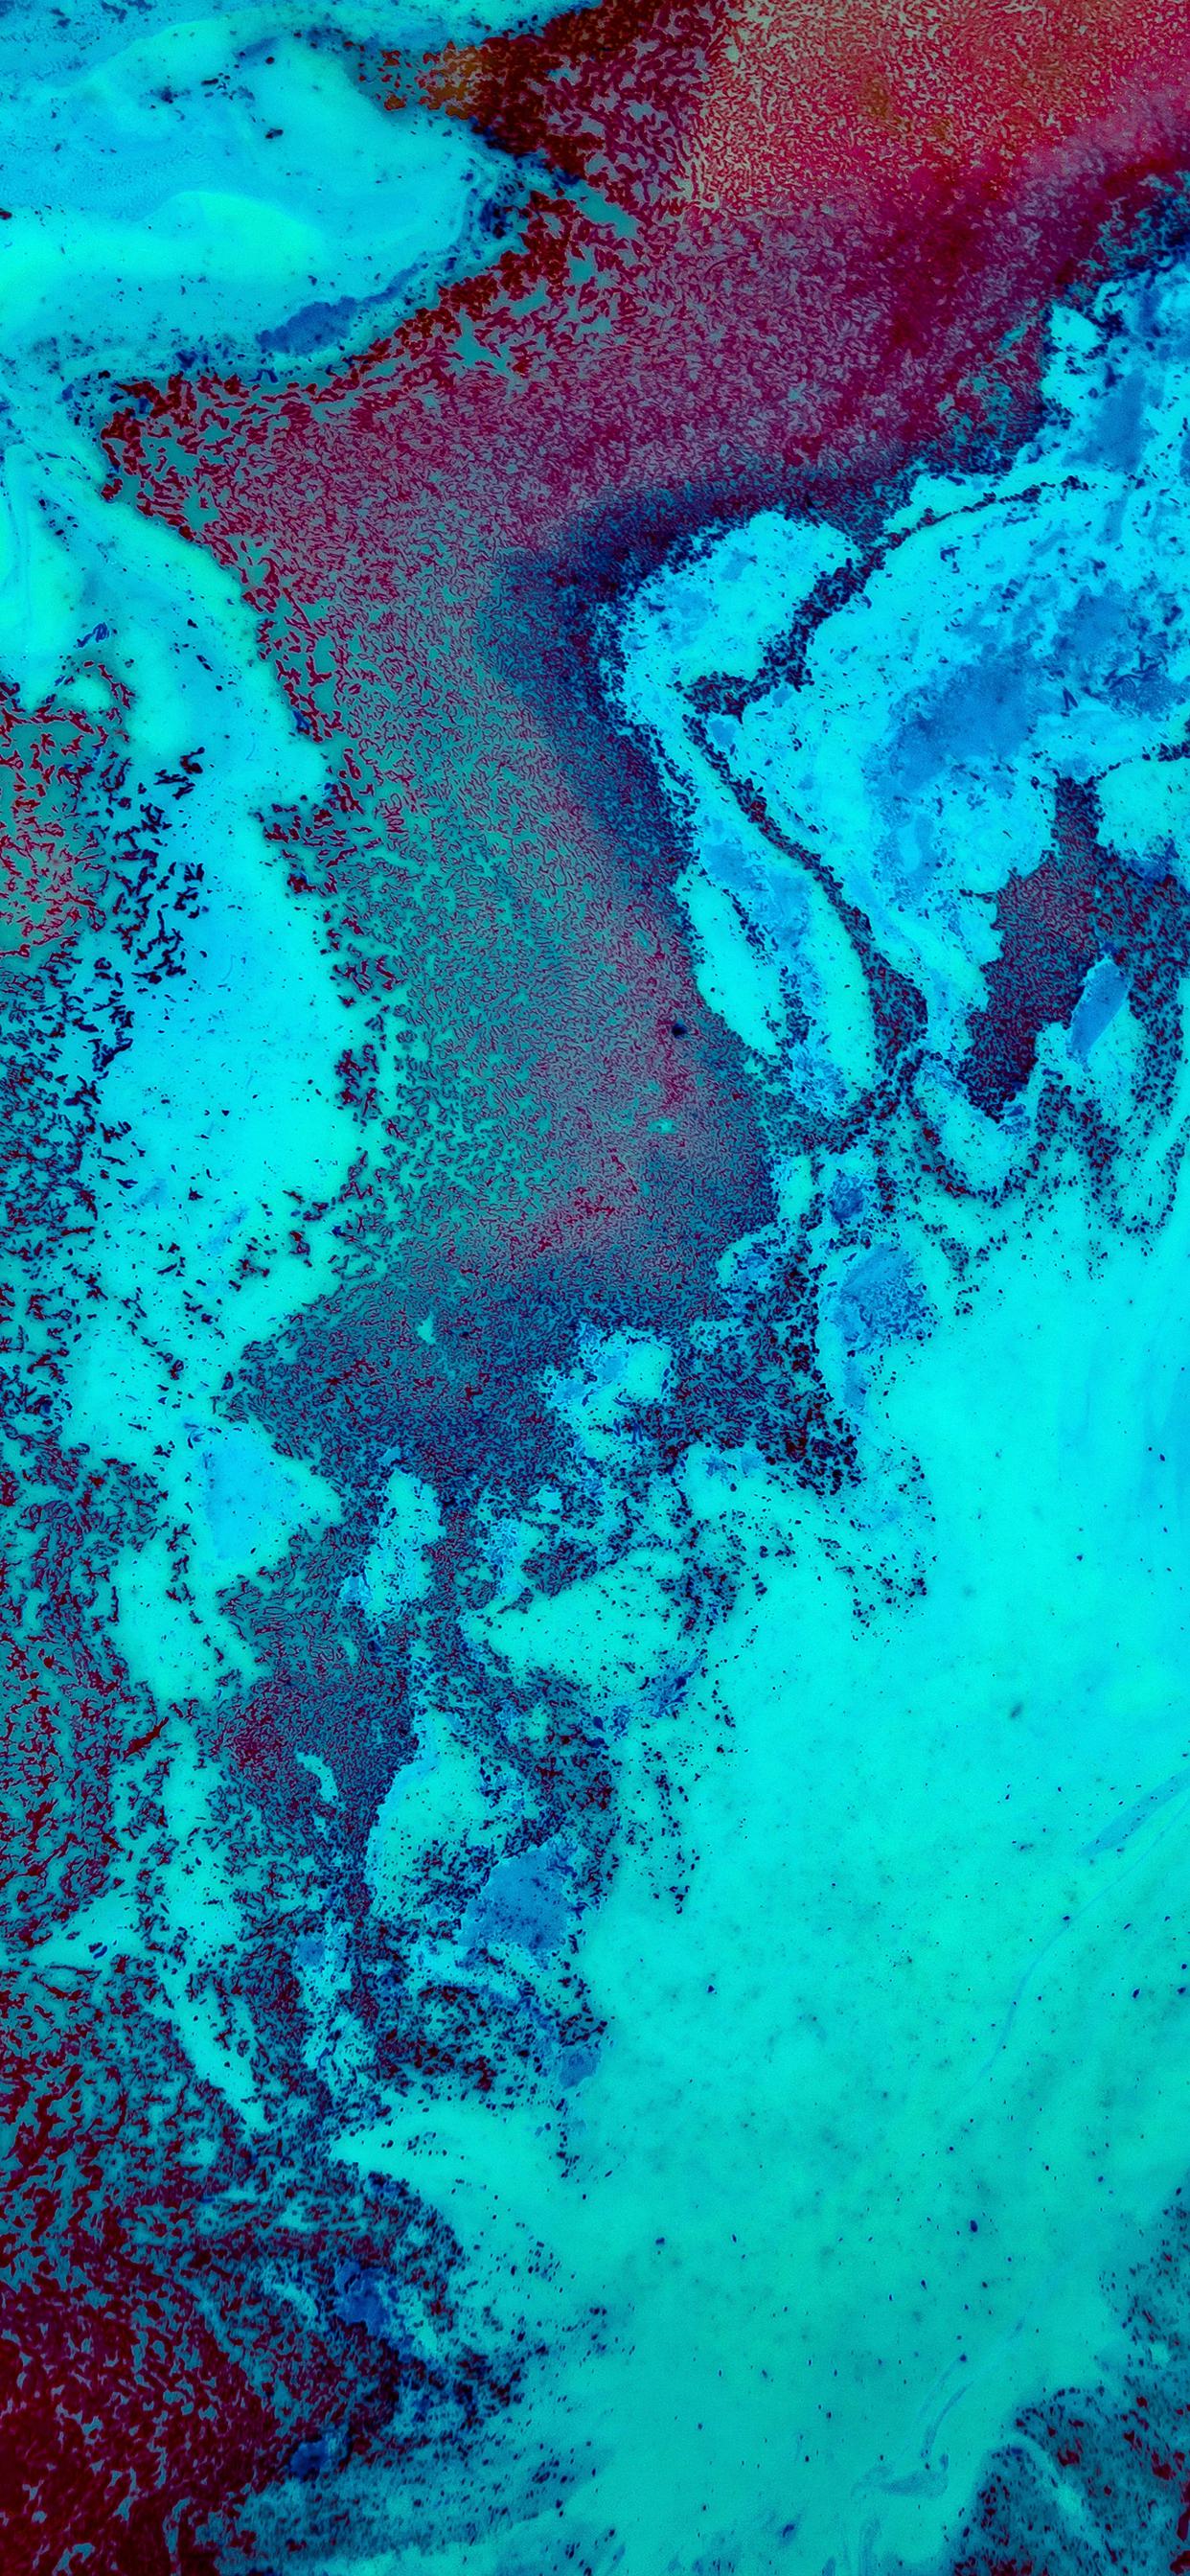 iPhone wallpaper abstract liquid green Fonds d'écran iPhone du 22/11/2018